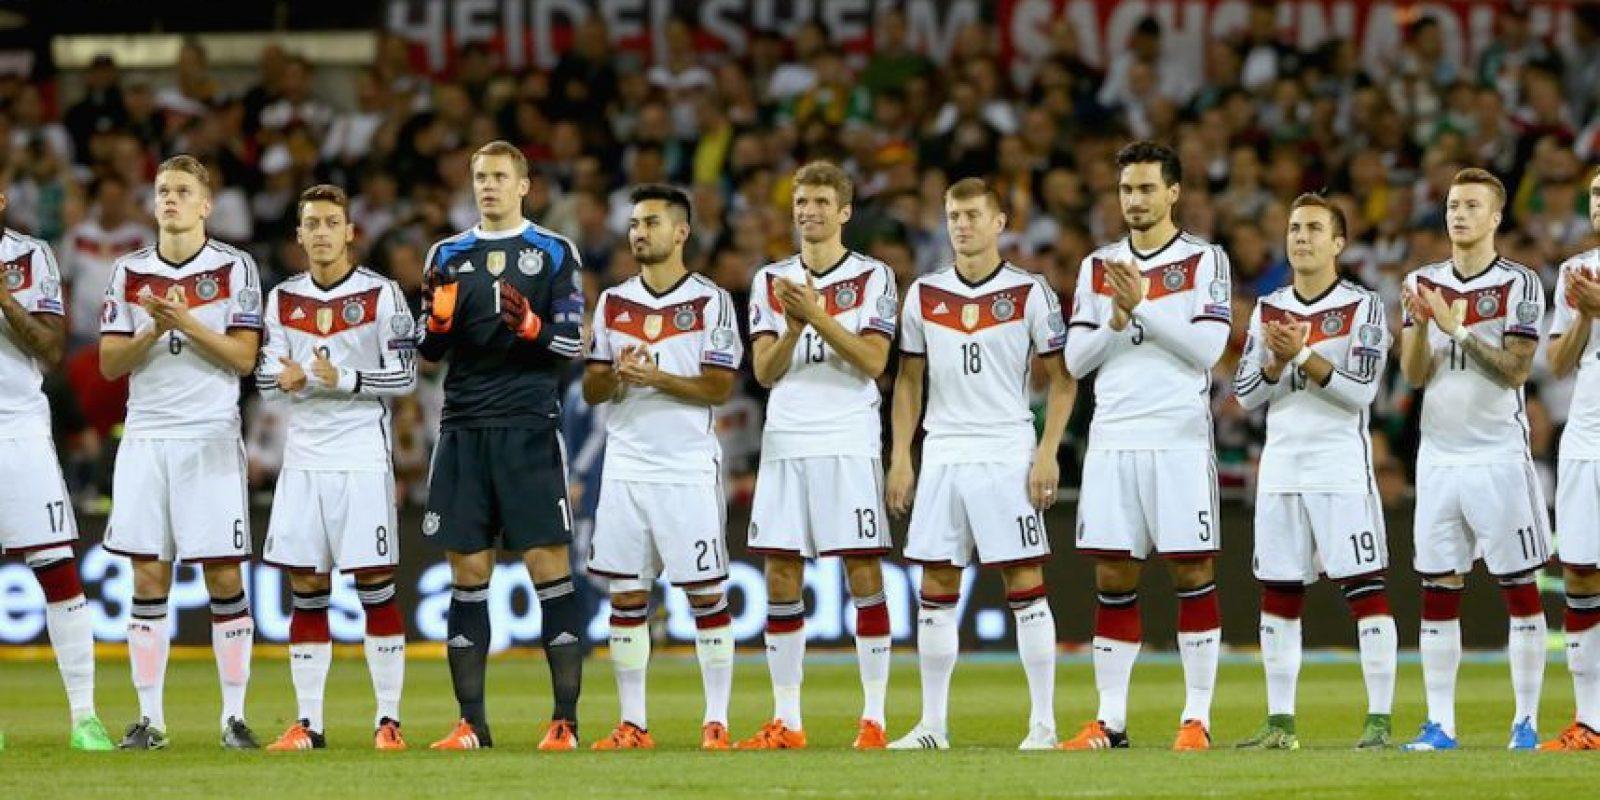 Tras caer ante Irlanda, los campeones del mundo deben ganarle a Georgia para asegurar boleto como primer lugar de grupo. Foto:Getty Images